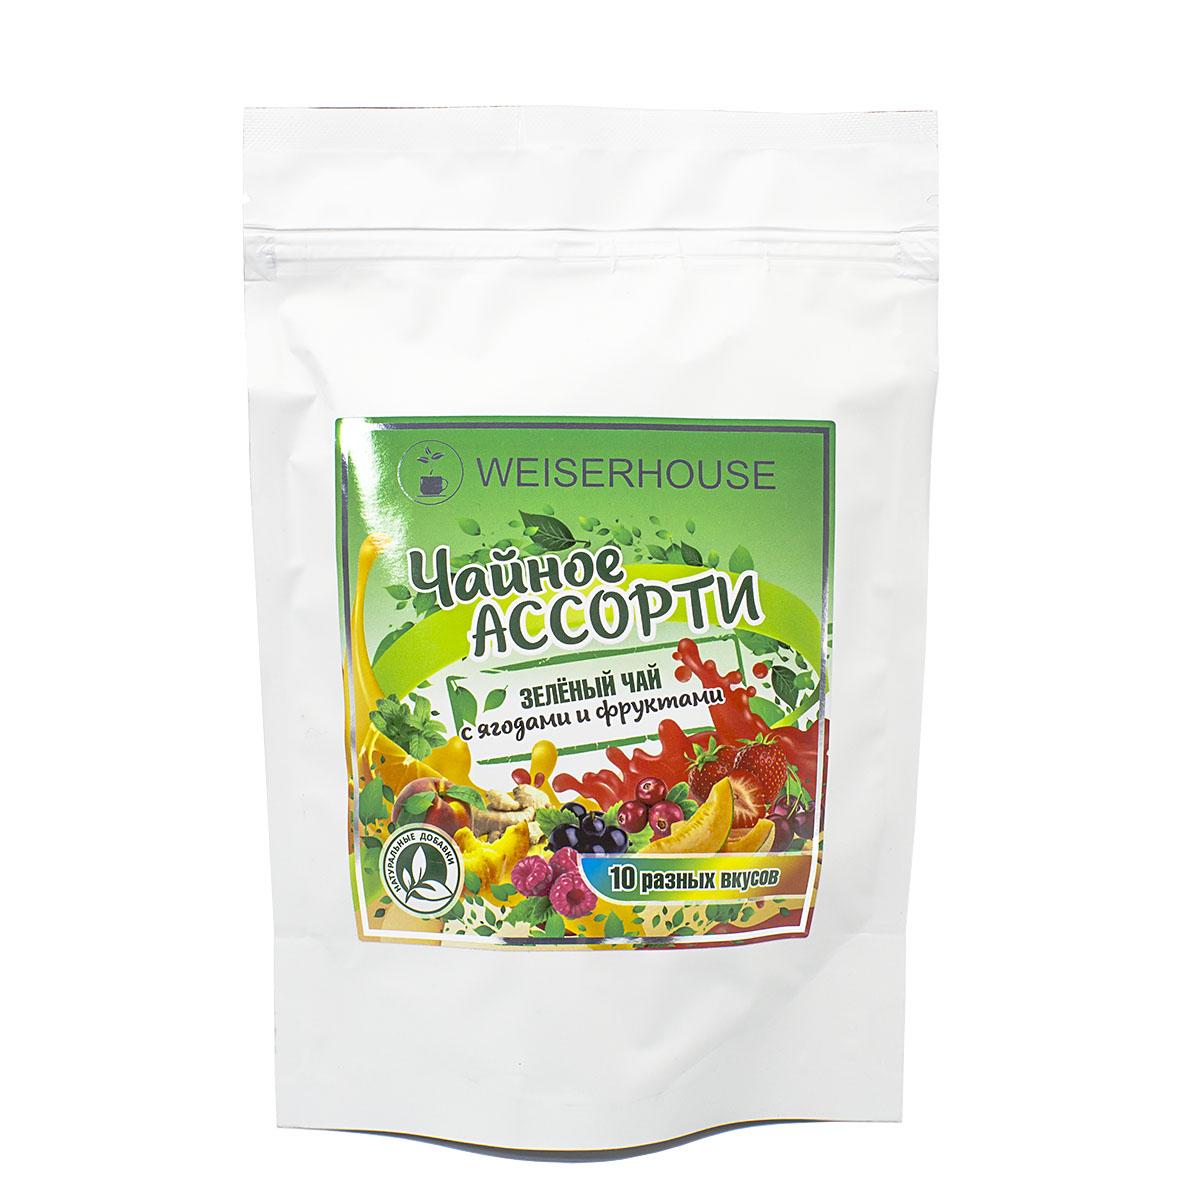 Набор Чайное ассорти зеленый чай с ягодами и фруктами (10 видов)